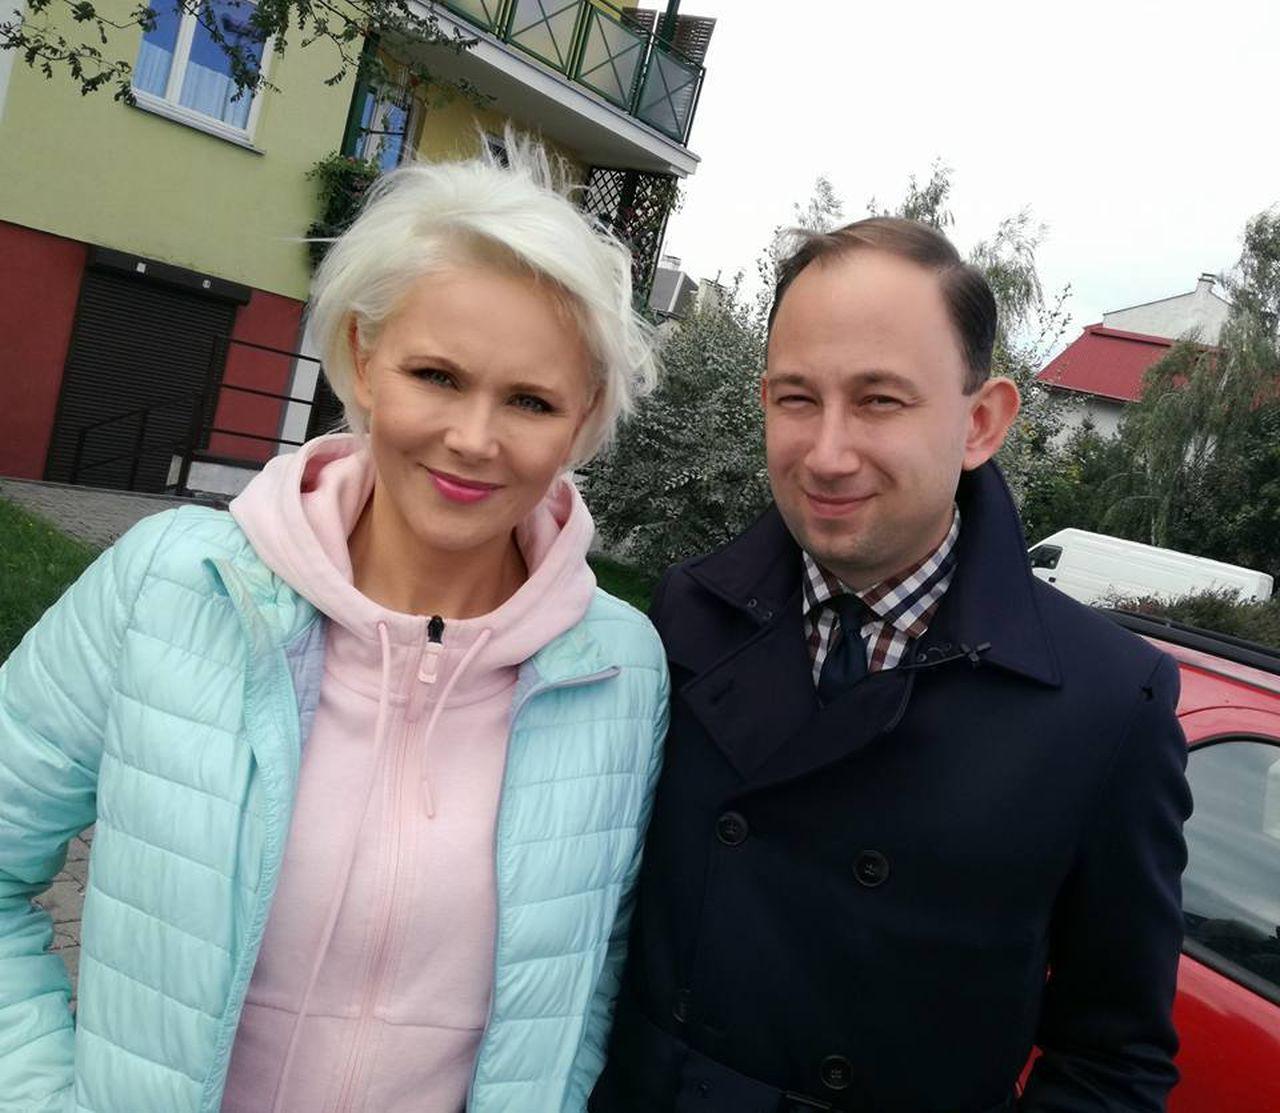 Gwiazdy pomagają: Jarosław Milner z Anną Samusionek z paczką z sercem u Patryka